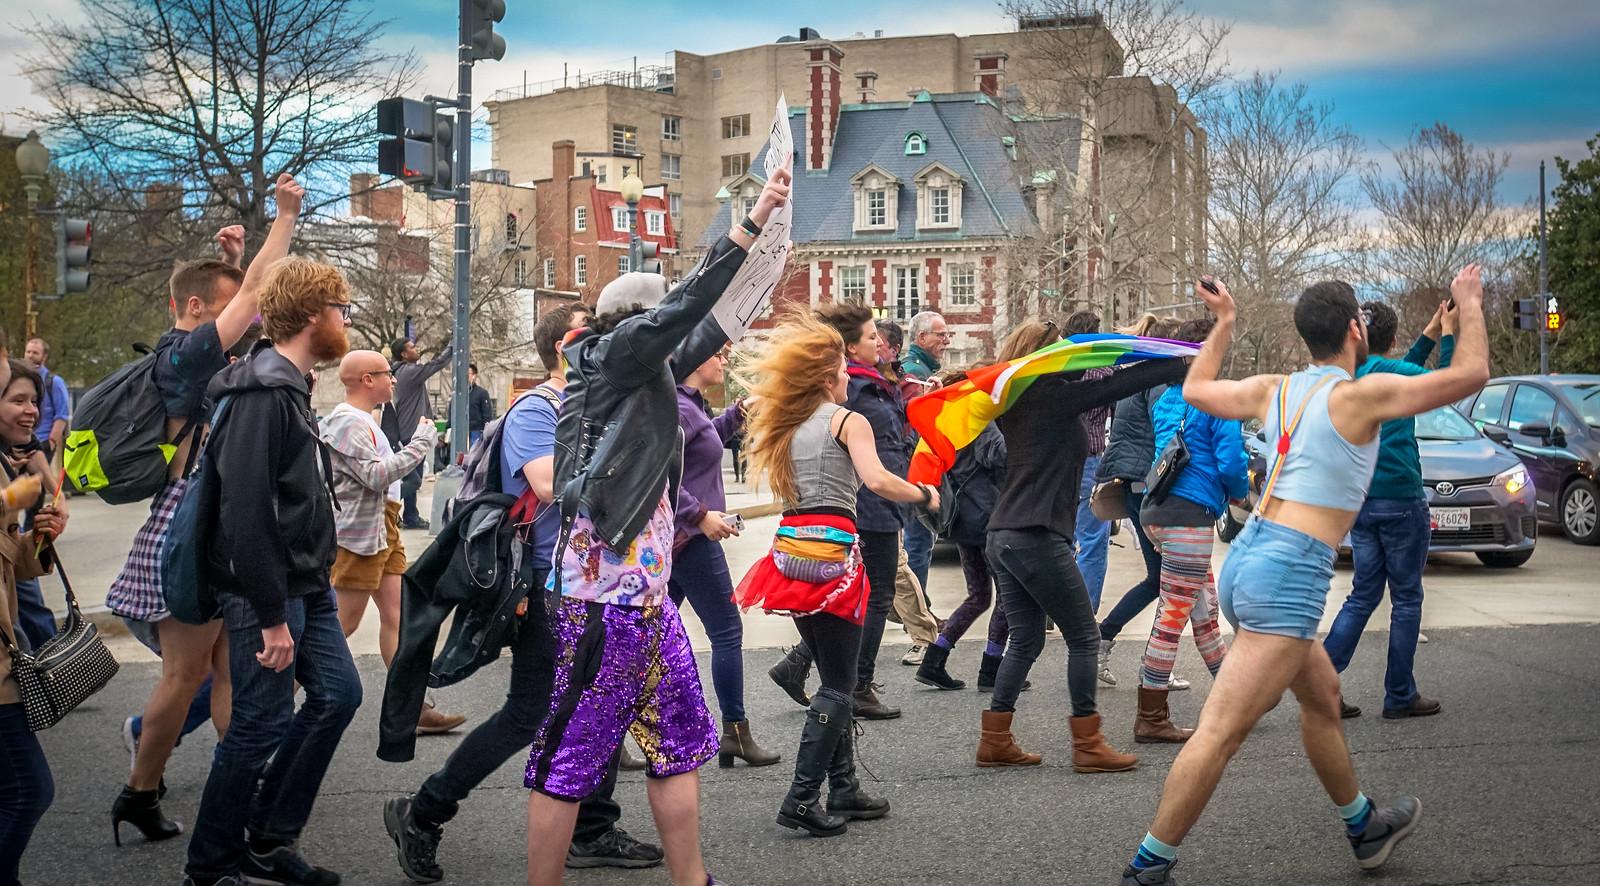 2017.04.01 Queer Dance Party - Ivanka Trump